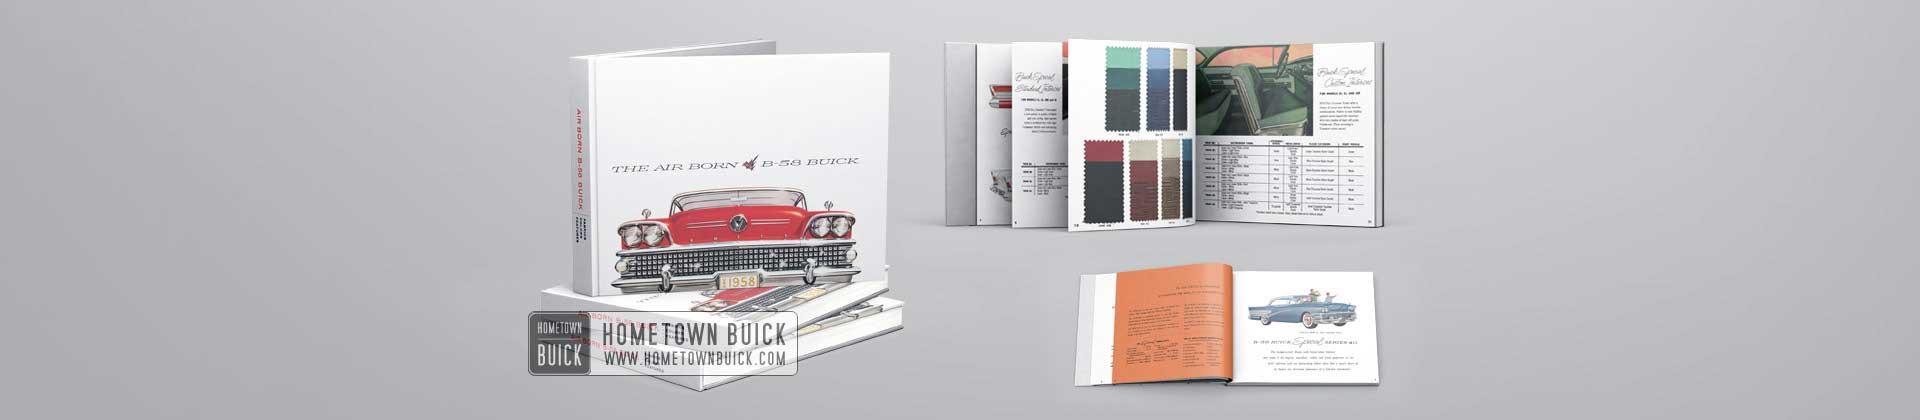 1958 Buick Showroom Album